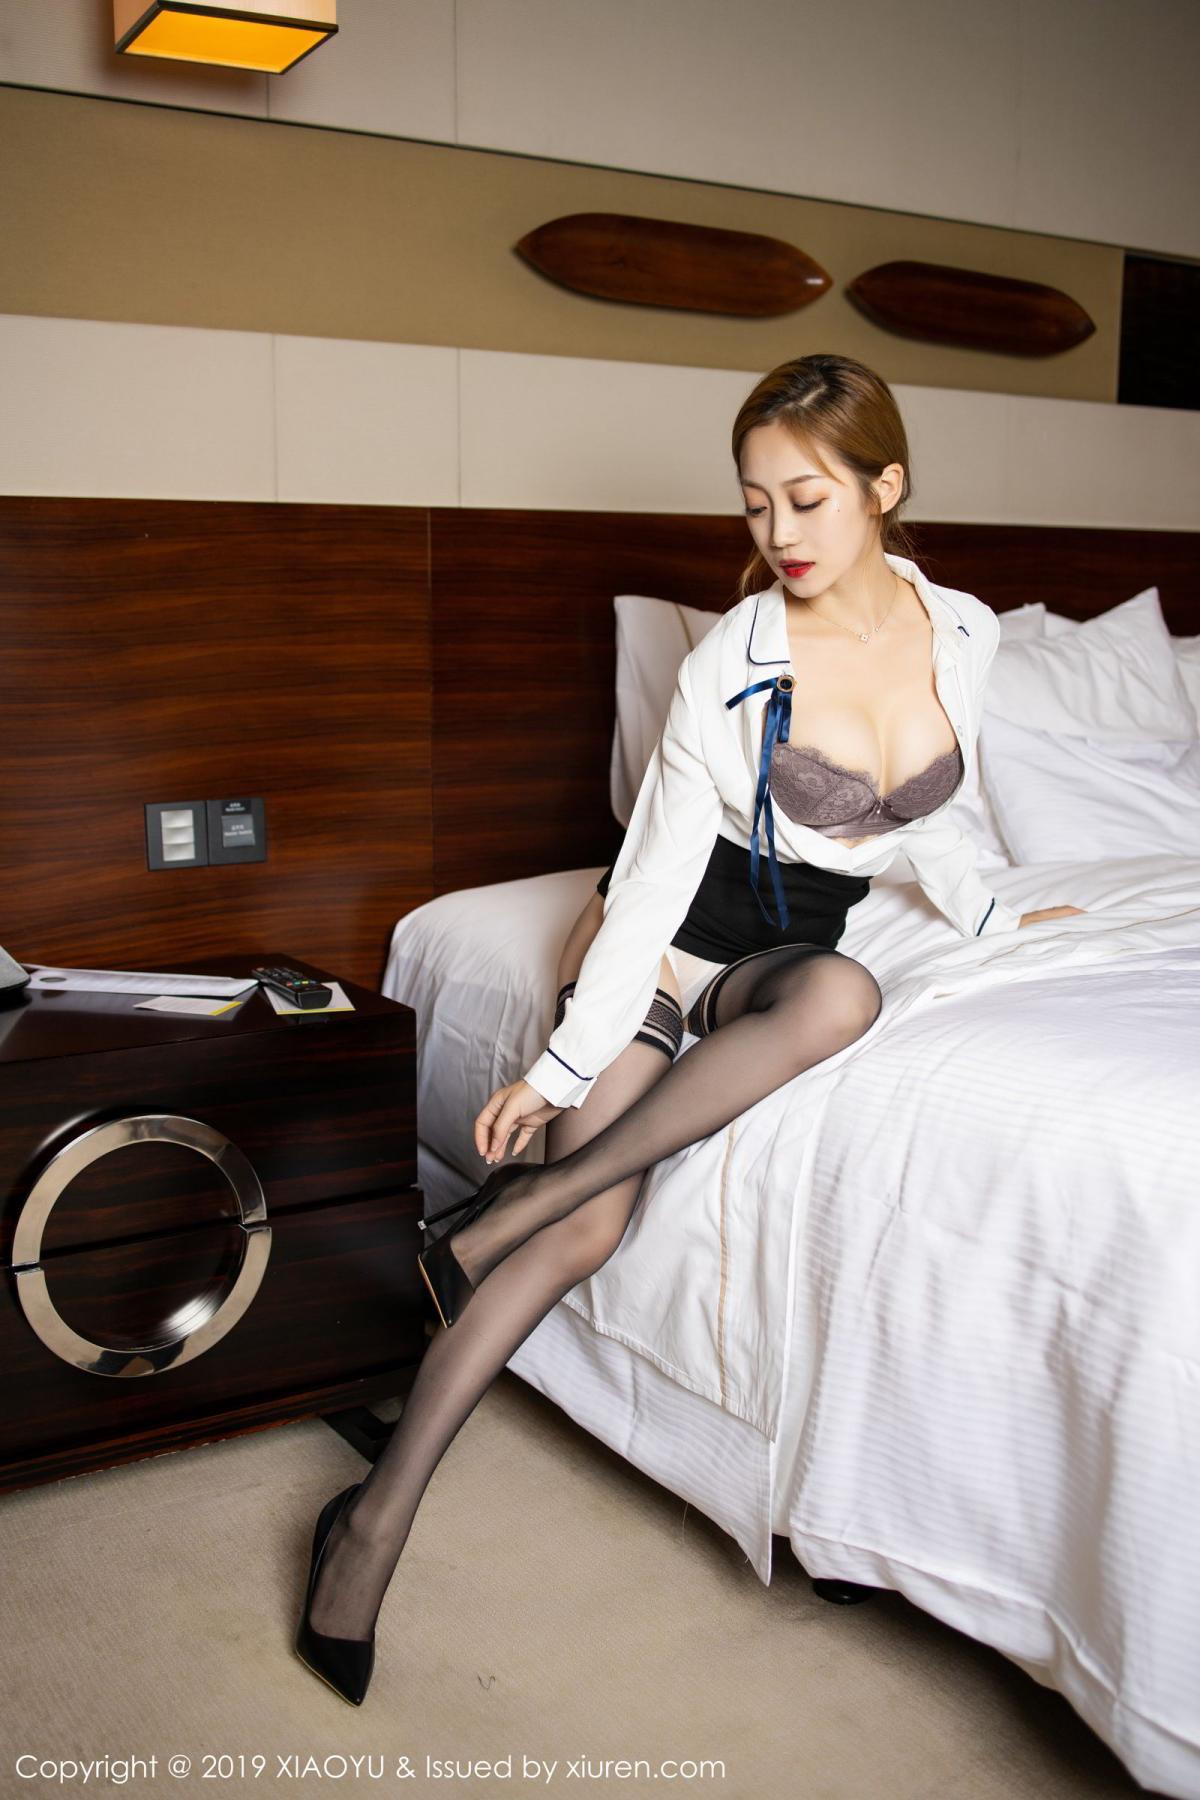 [XiaoYu] Vol.181 Yuner Claire 21P, Black Silk, Underwear, XiaoYu, Yuner Claire